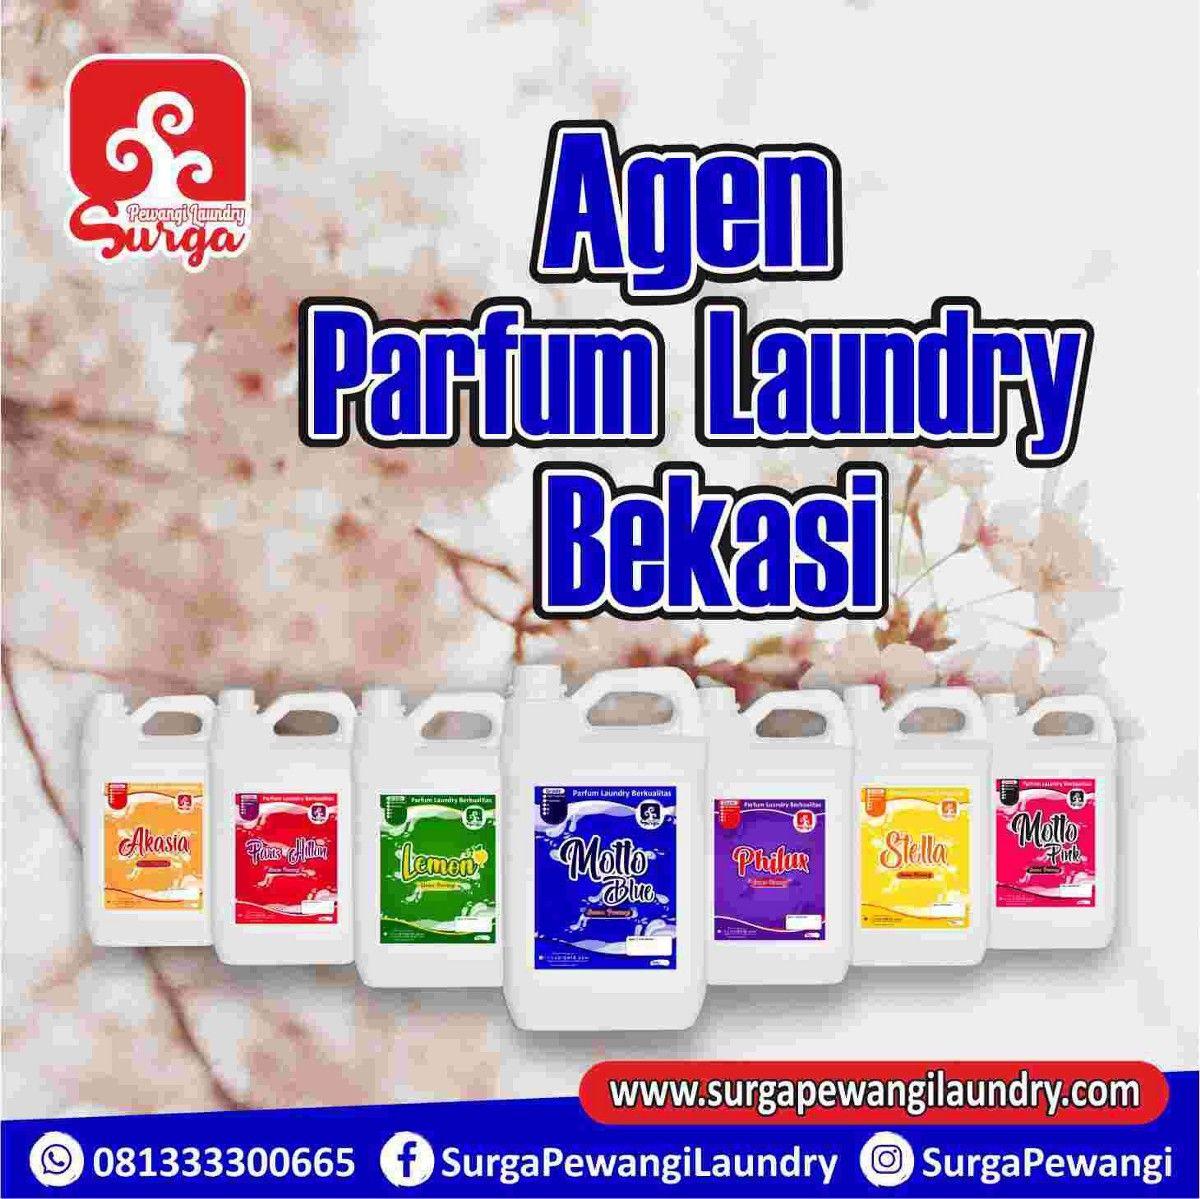 Jual Pewangi Laundry Atau Parfum Laundry Di Bekasi Surga Spanduk Parfum